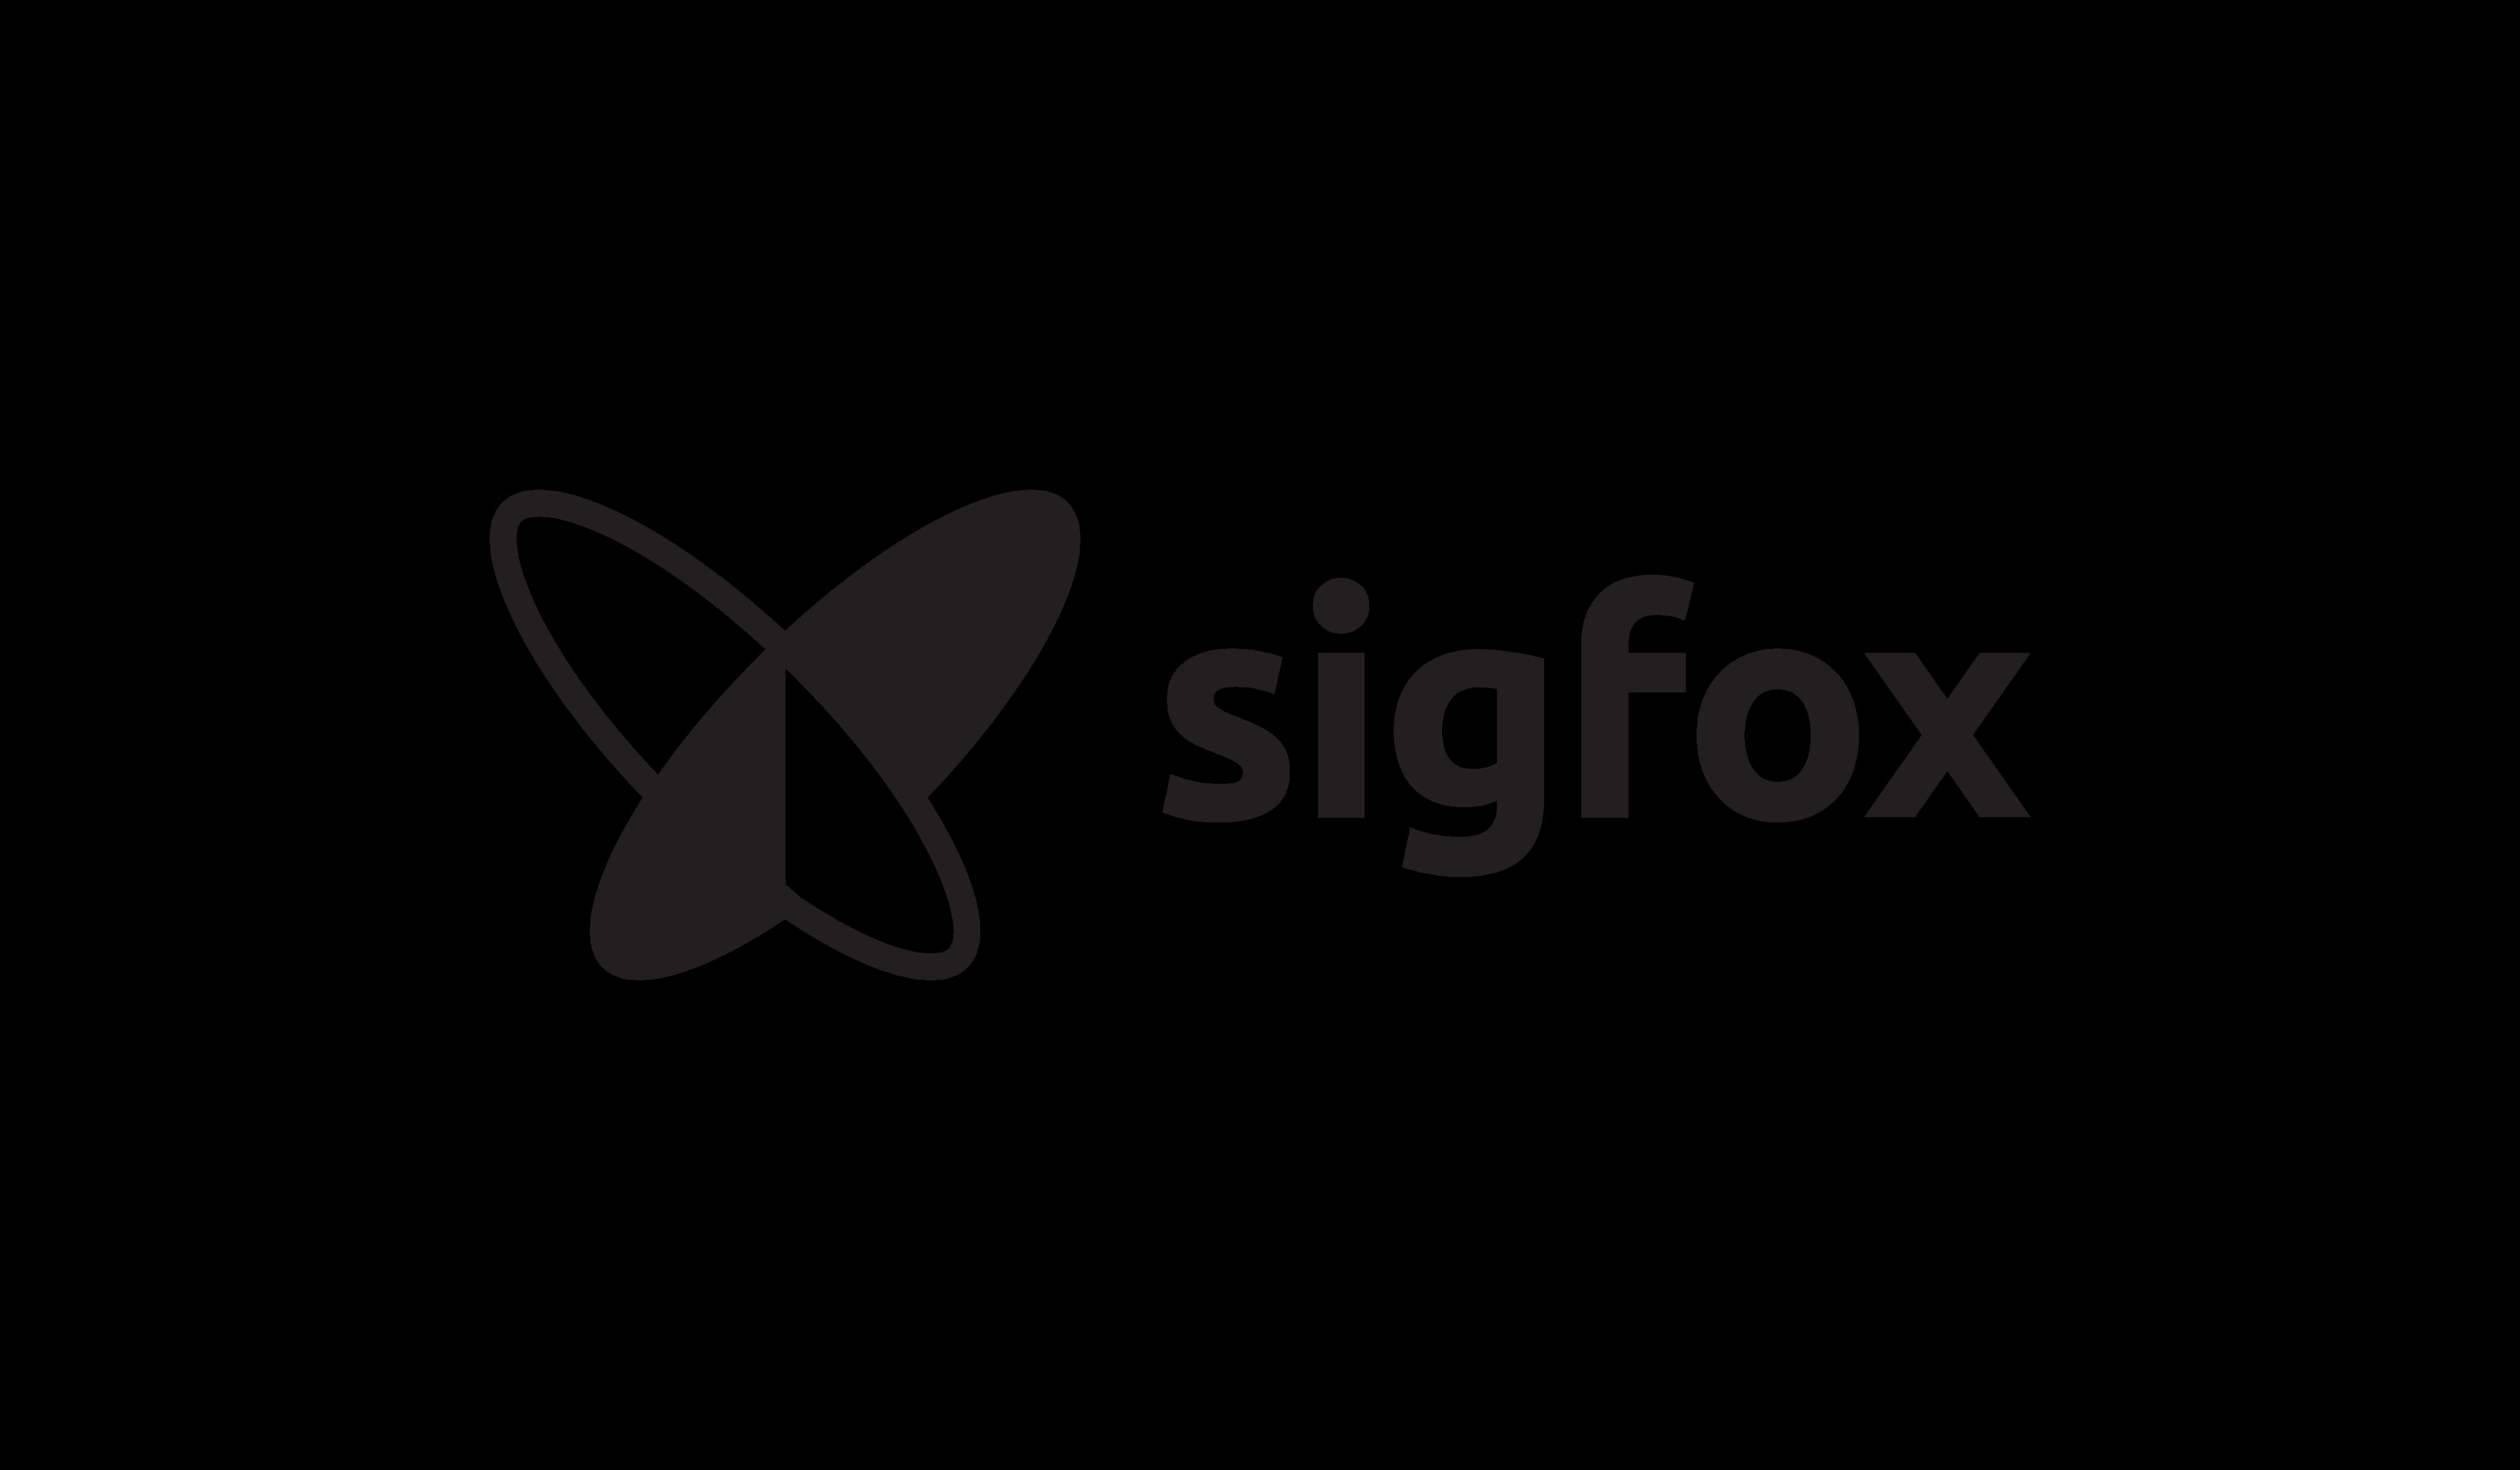 See you soon Sigfox!.